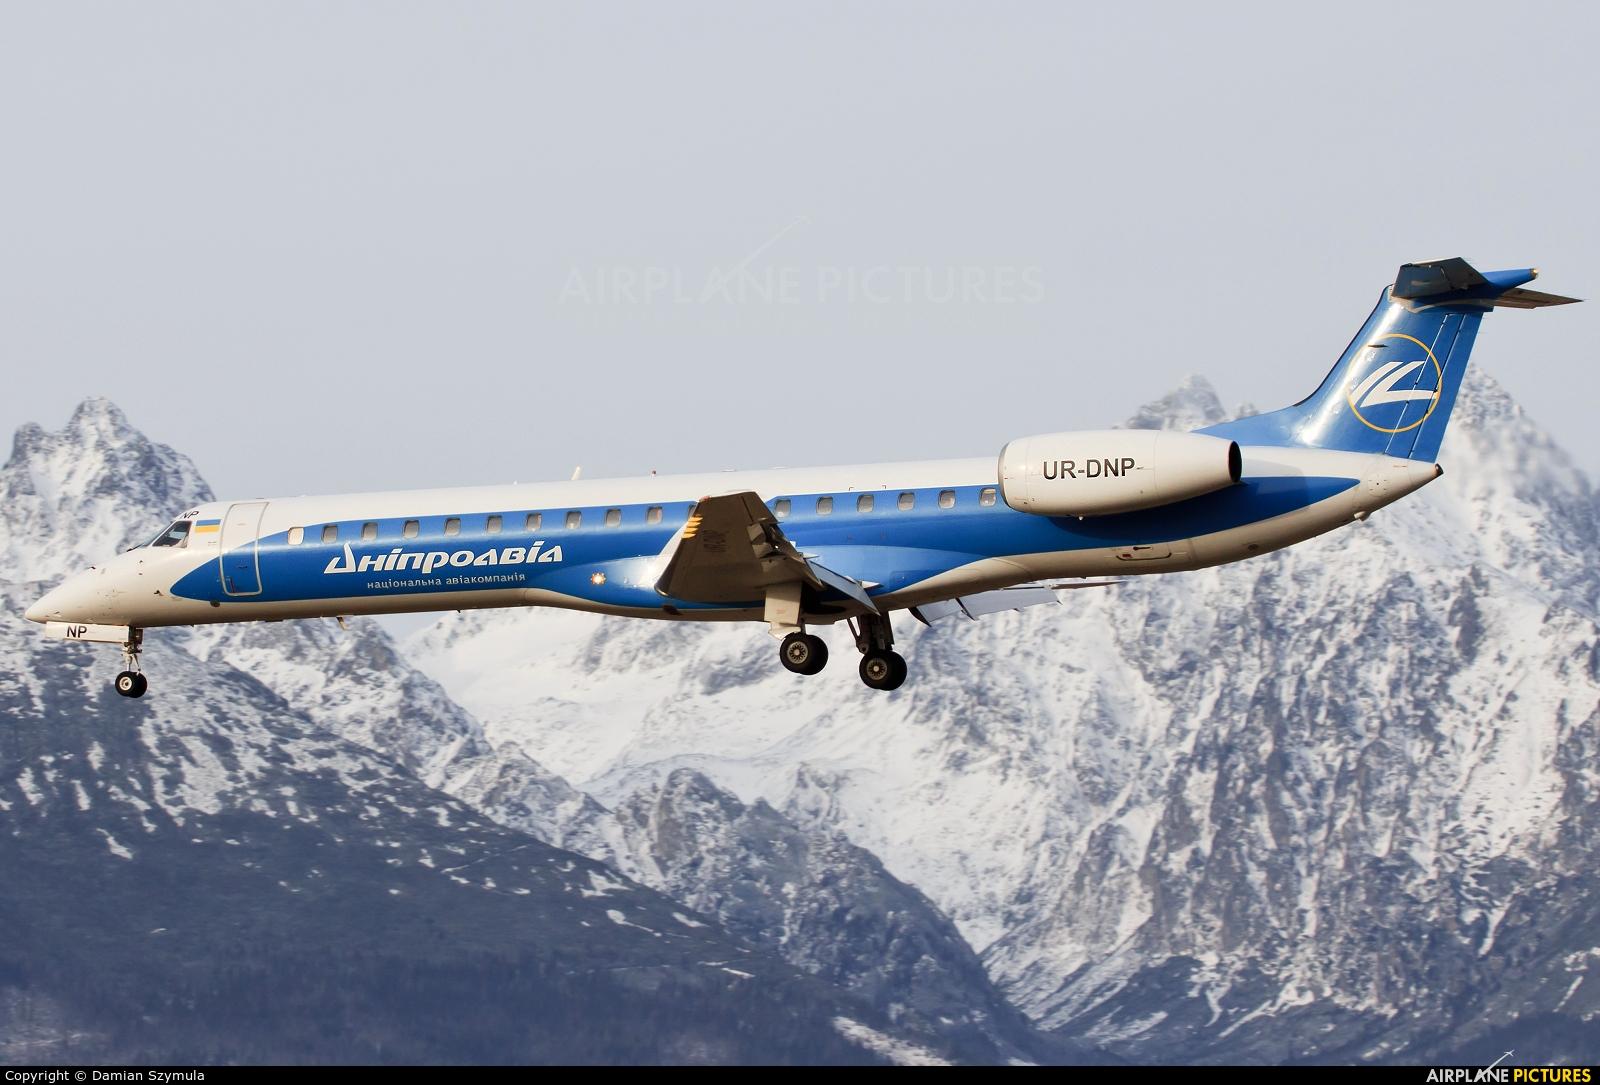 Dniproavia UR-DNP aircraft at Poprad - Tatry